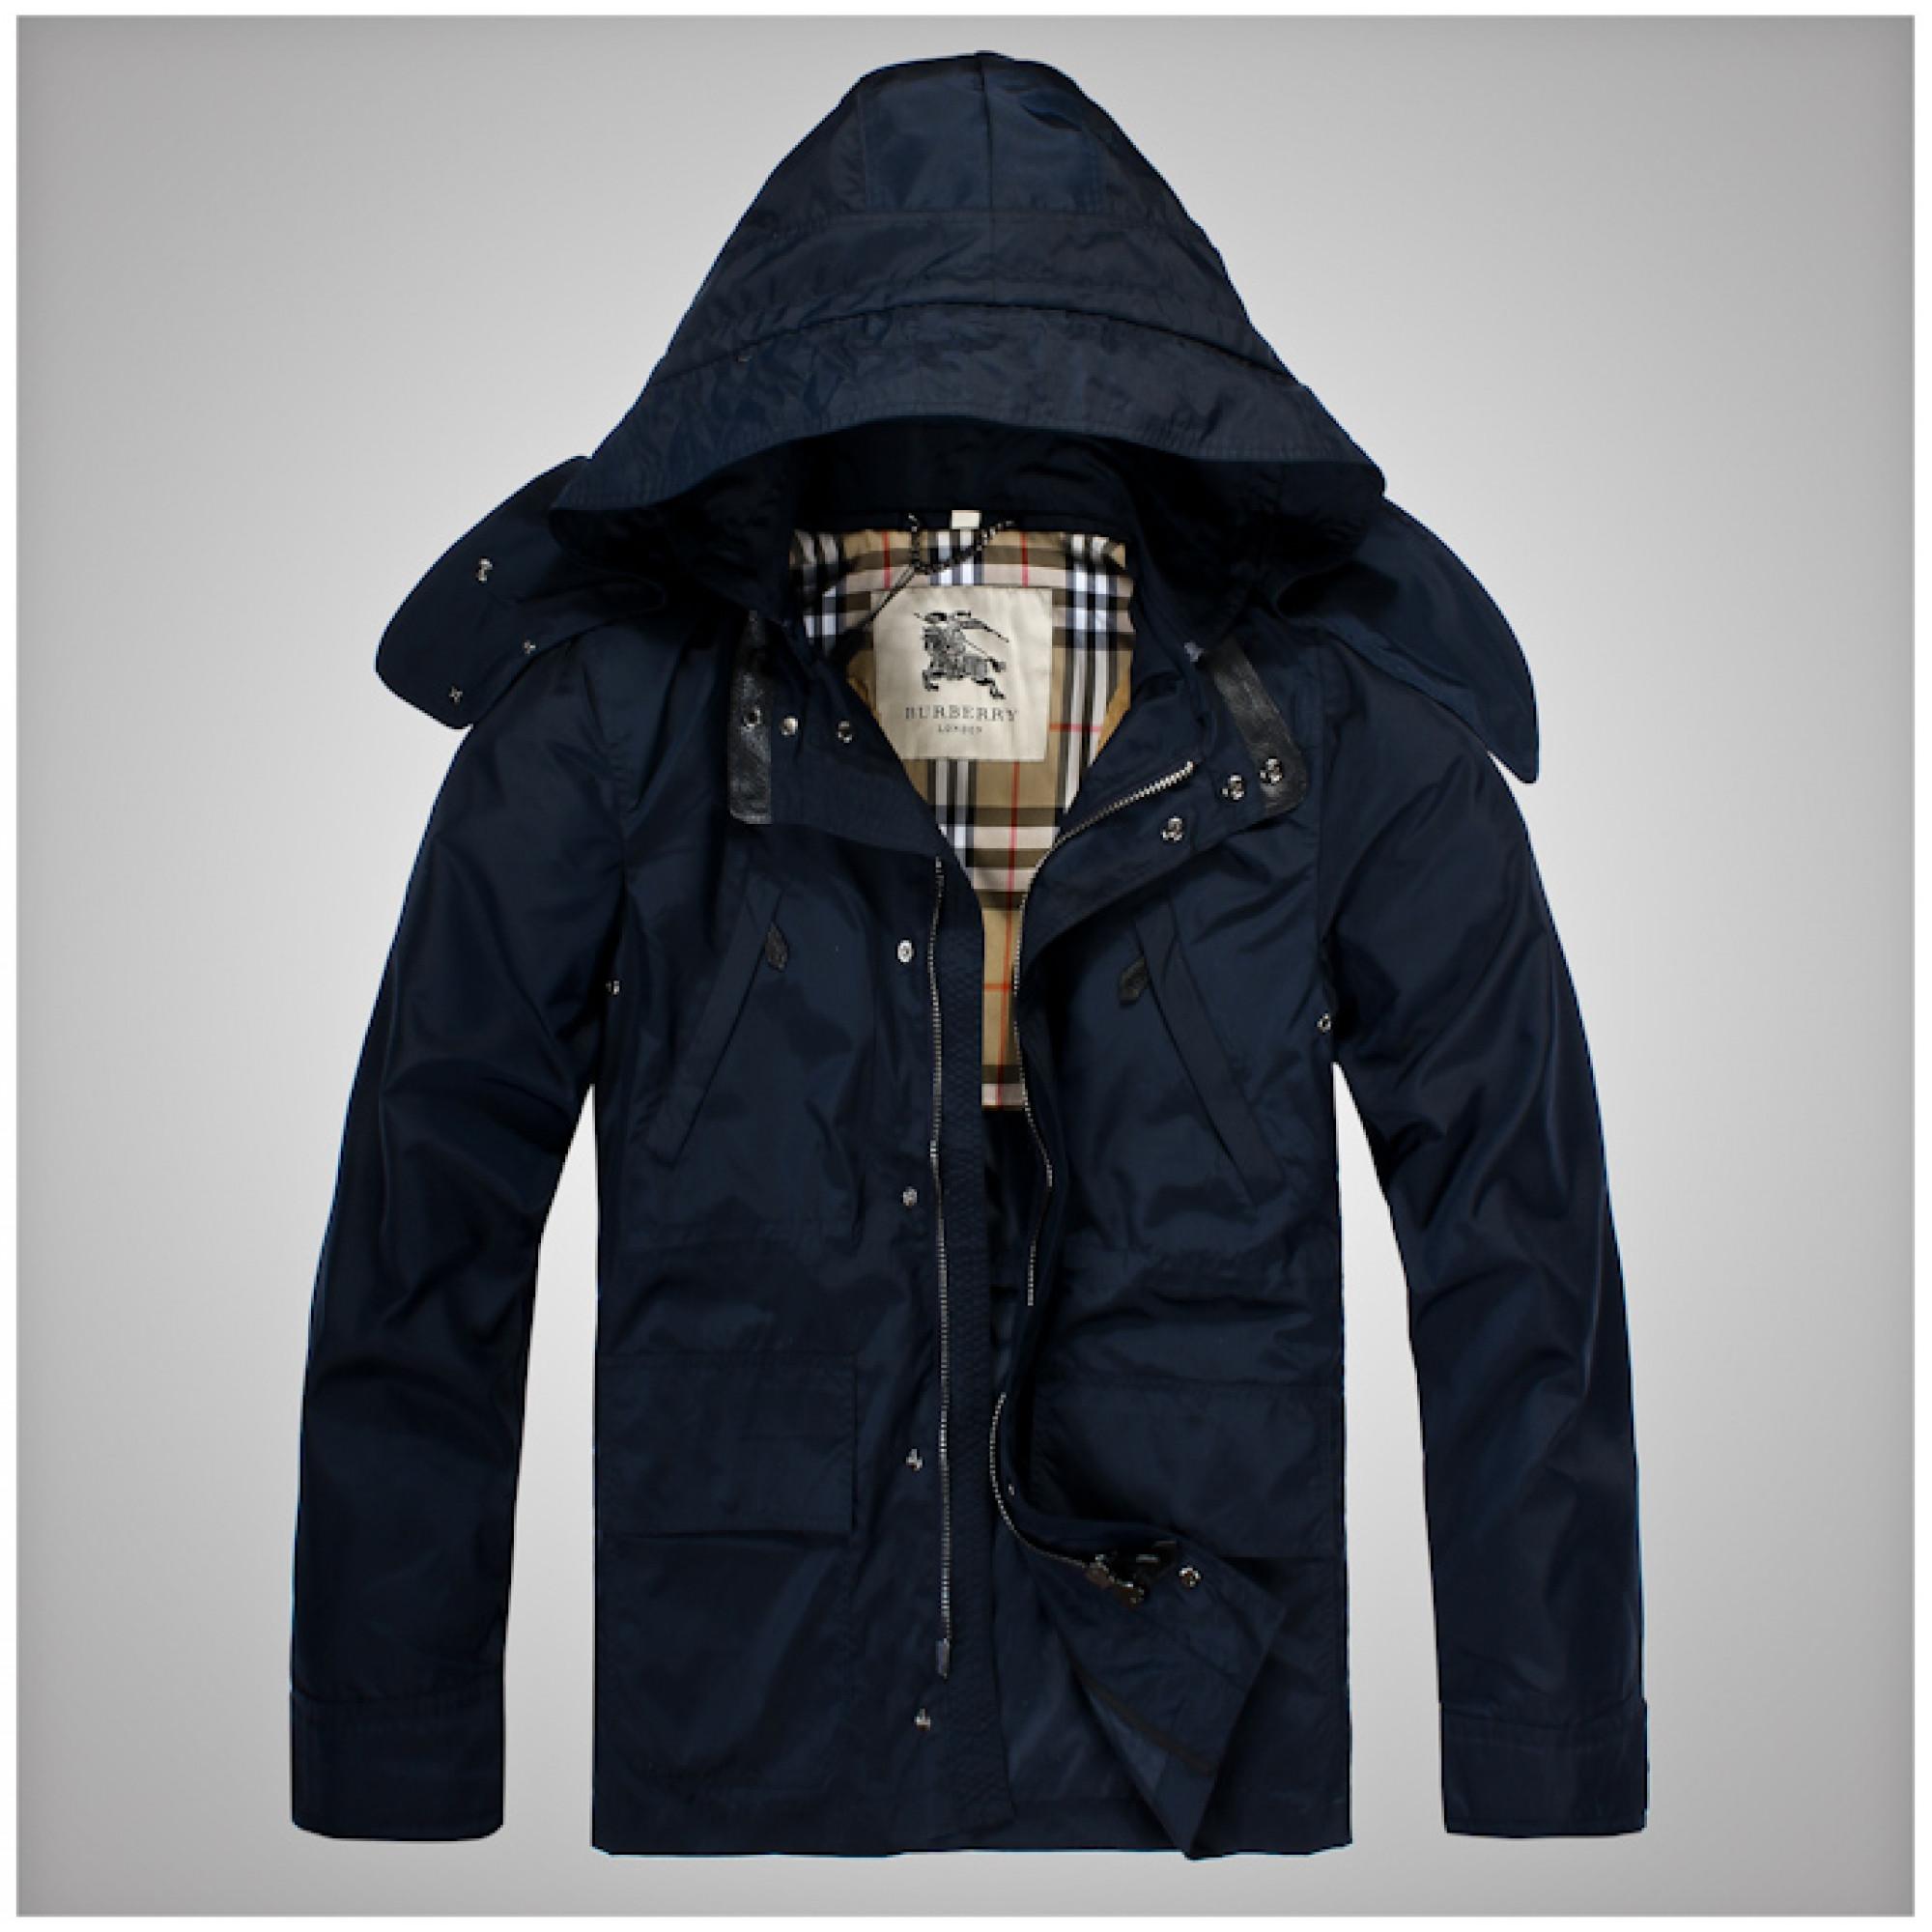 Купить мужская куртка с капюшоном от Burberry — в Киеве, код товара ... f359b160386